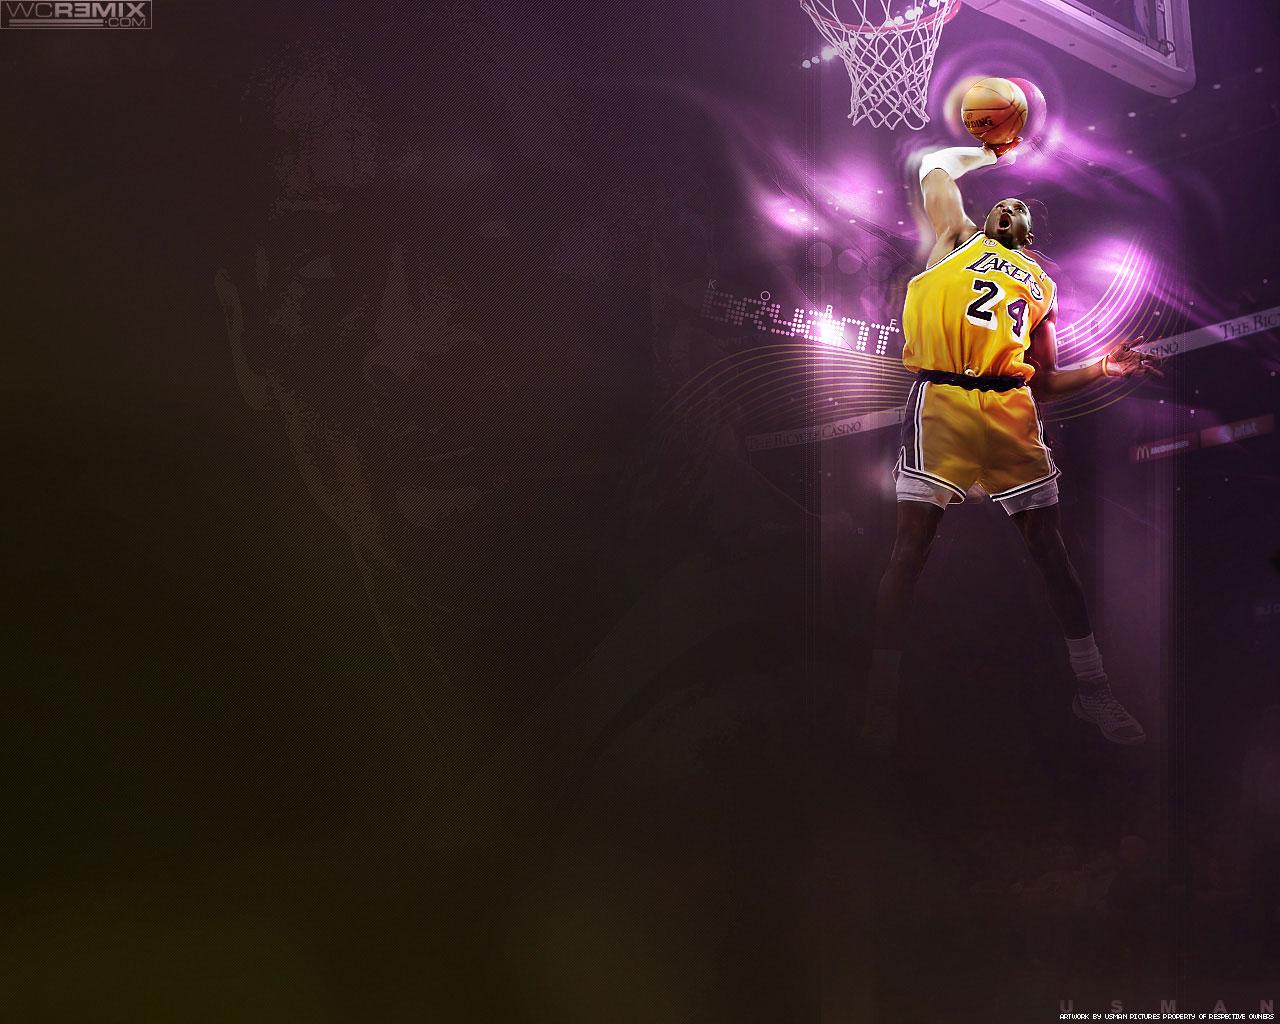 http://1.bp.blogspot.com/-L3u7AKQHVe8/TjPJNAa30QI/AAAAAAAAAKc/N5cPUOQECms/s1600/Kobe-Bryant-Slam-Dunk-Wallpaper.jpg